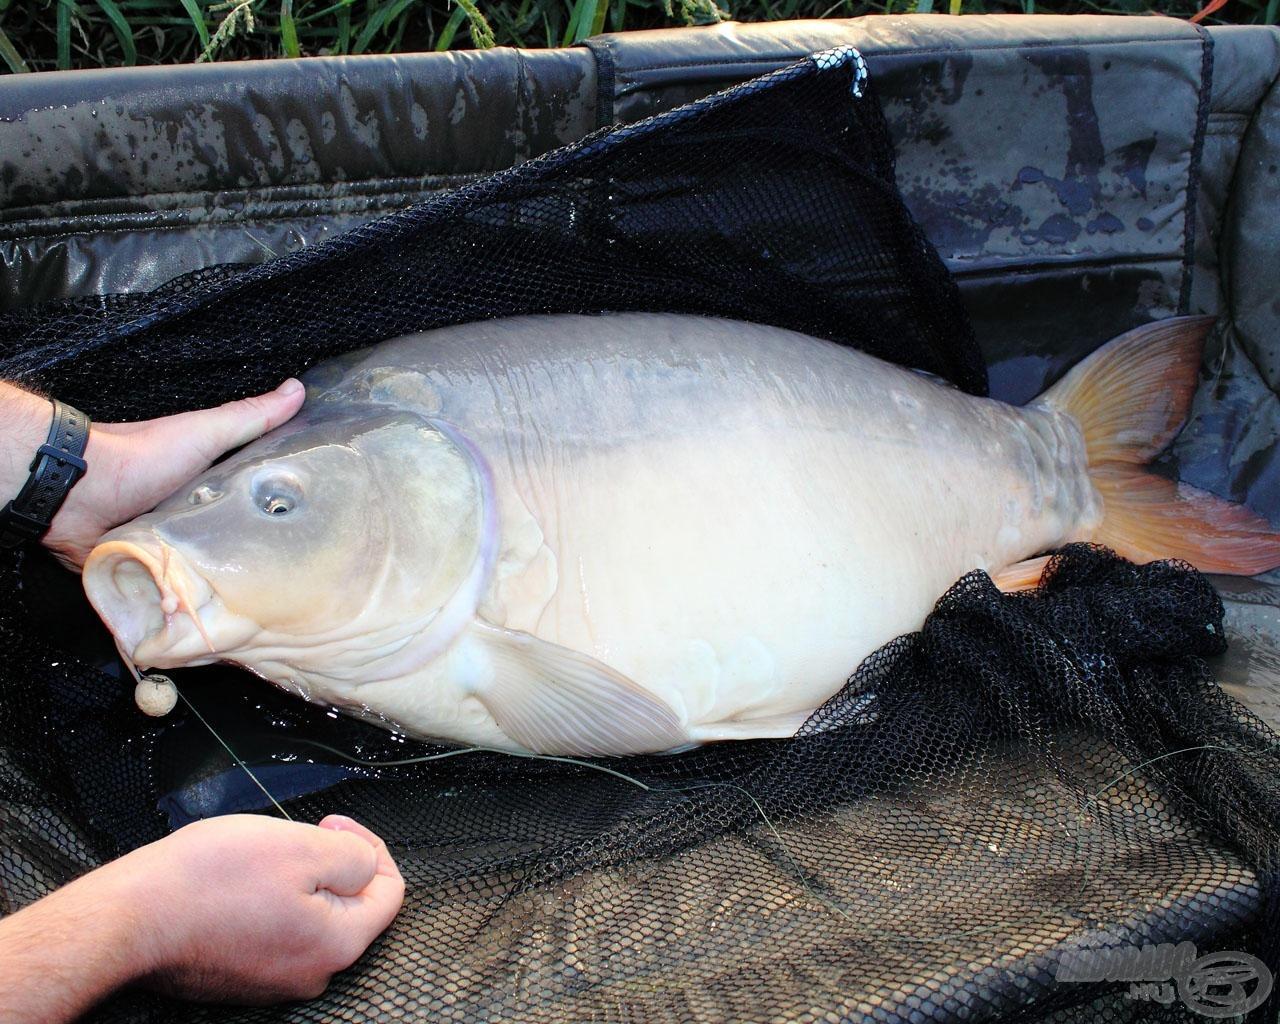 Nagyon fontos halakkal való kíméletes bánásmód, ami tükröződjön a képeken is!